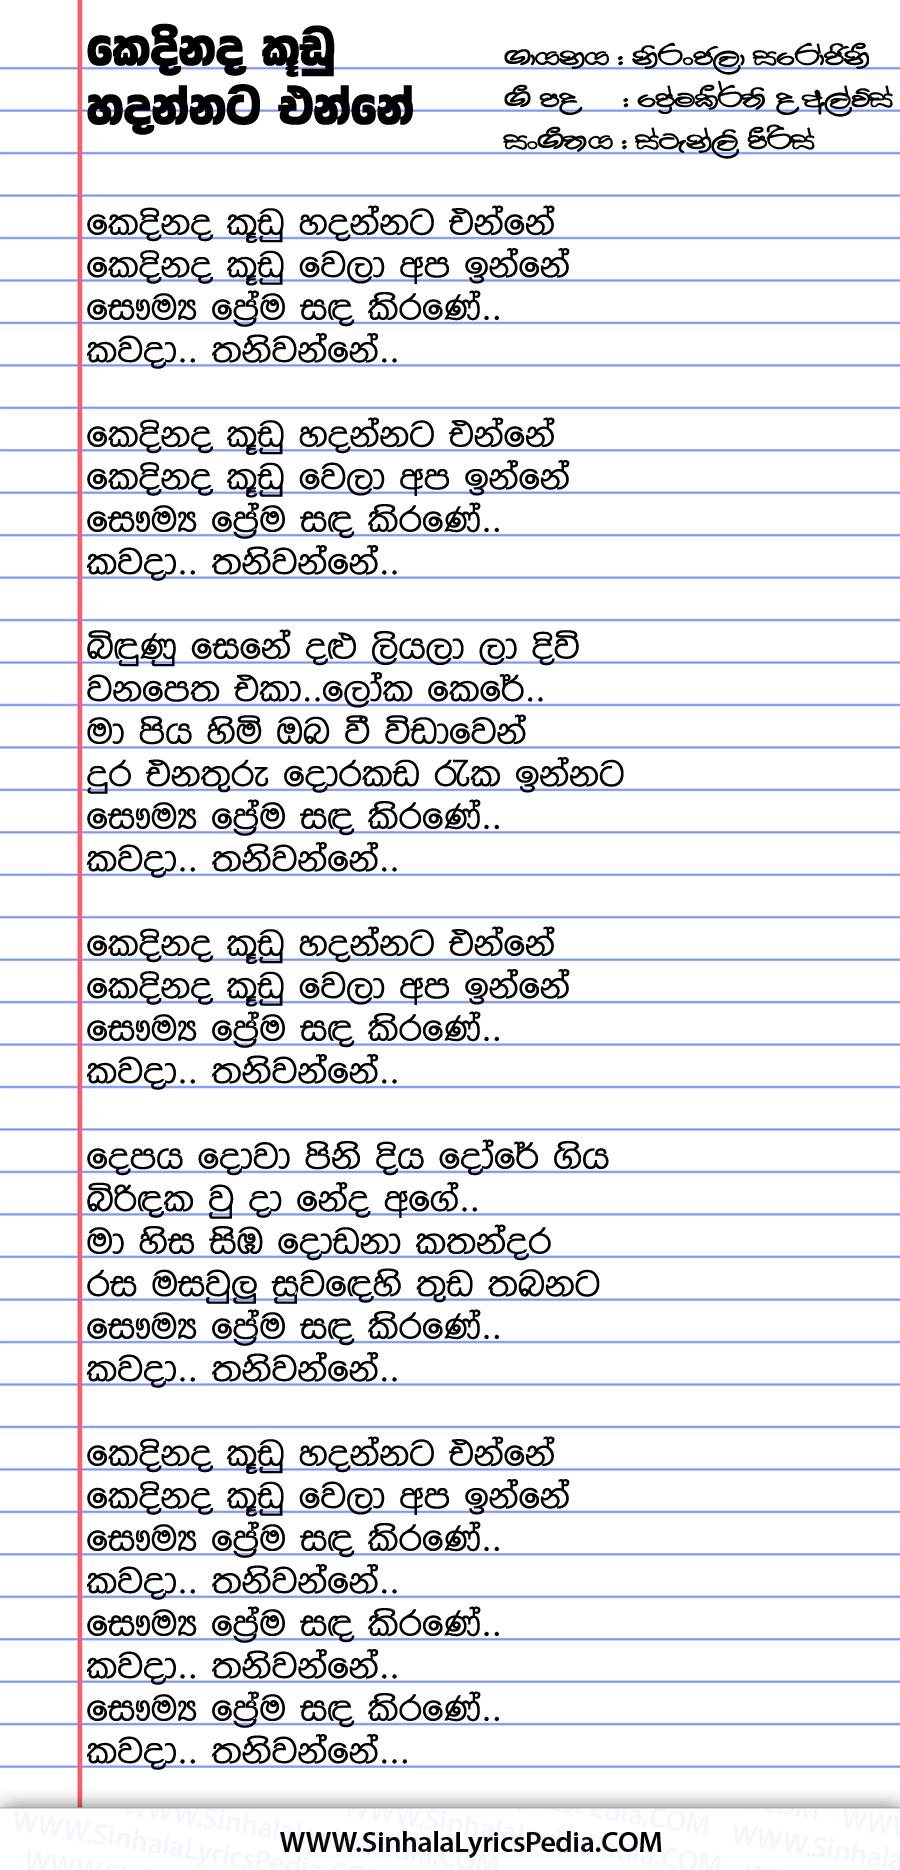 Kedinada Kudu Hadannata Enne Song Lyrics